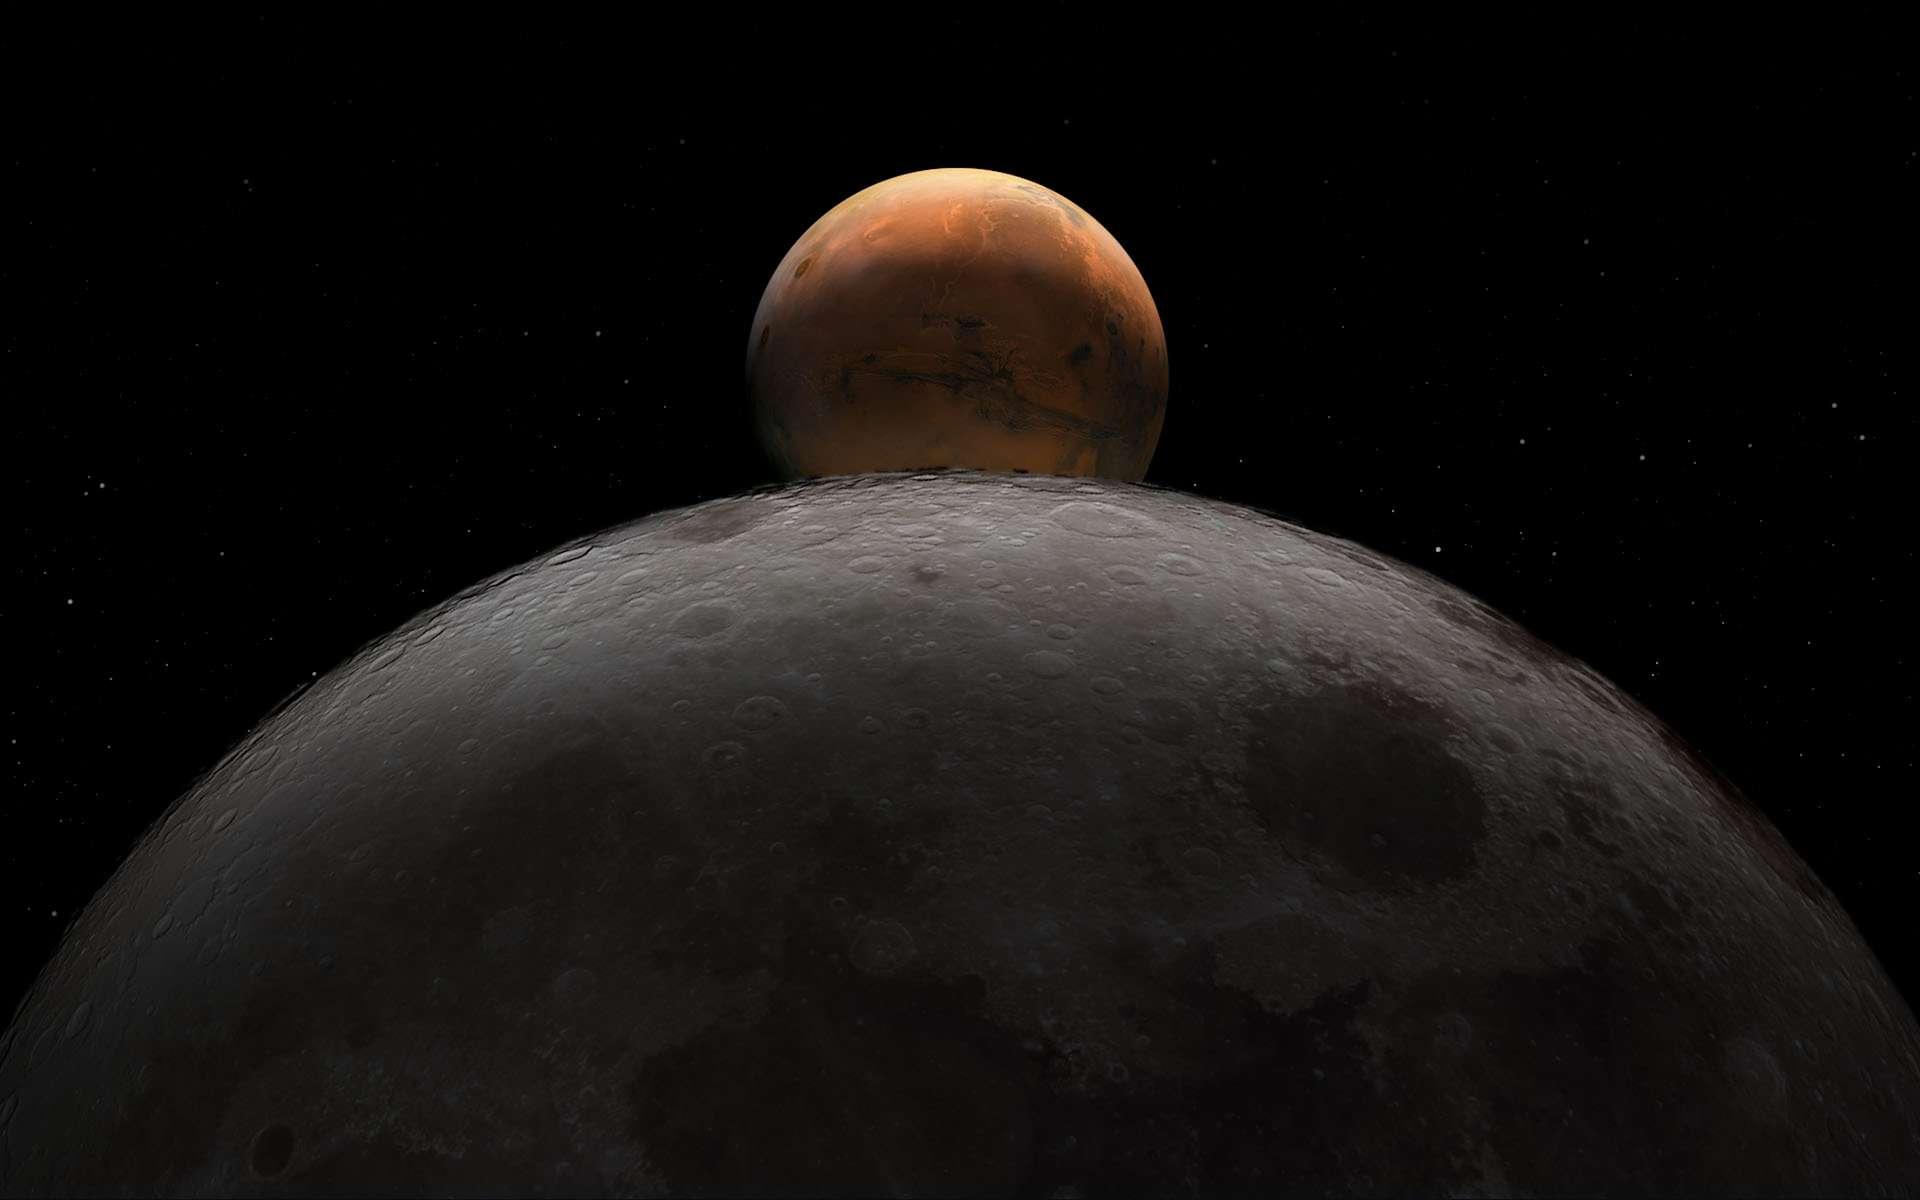 De la Lune à Mars. Le pari du programme Artemis de retour sur la Lune sur lequel compte s'appuyer la Nasa pour envoyer des humains sur Mars. © Nasa